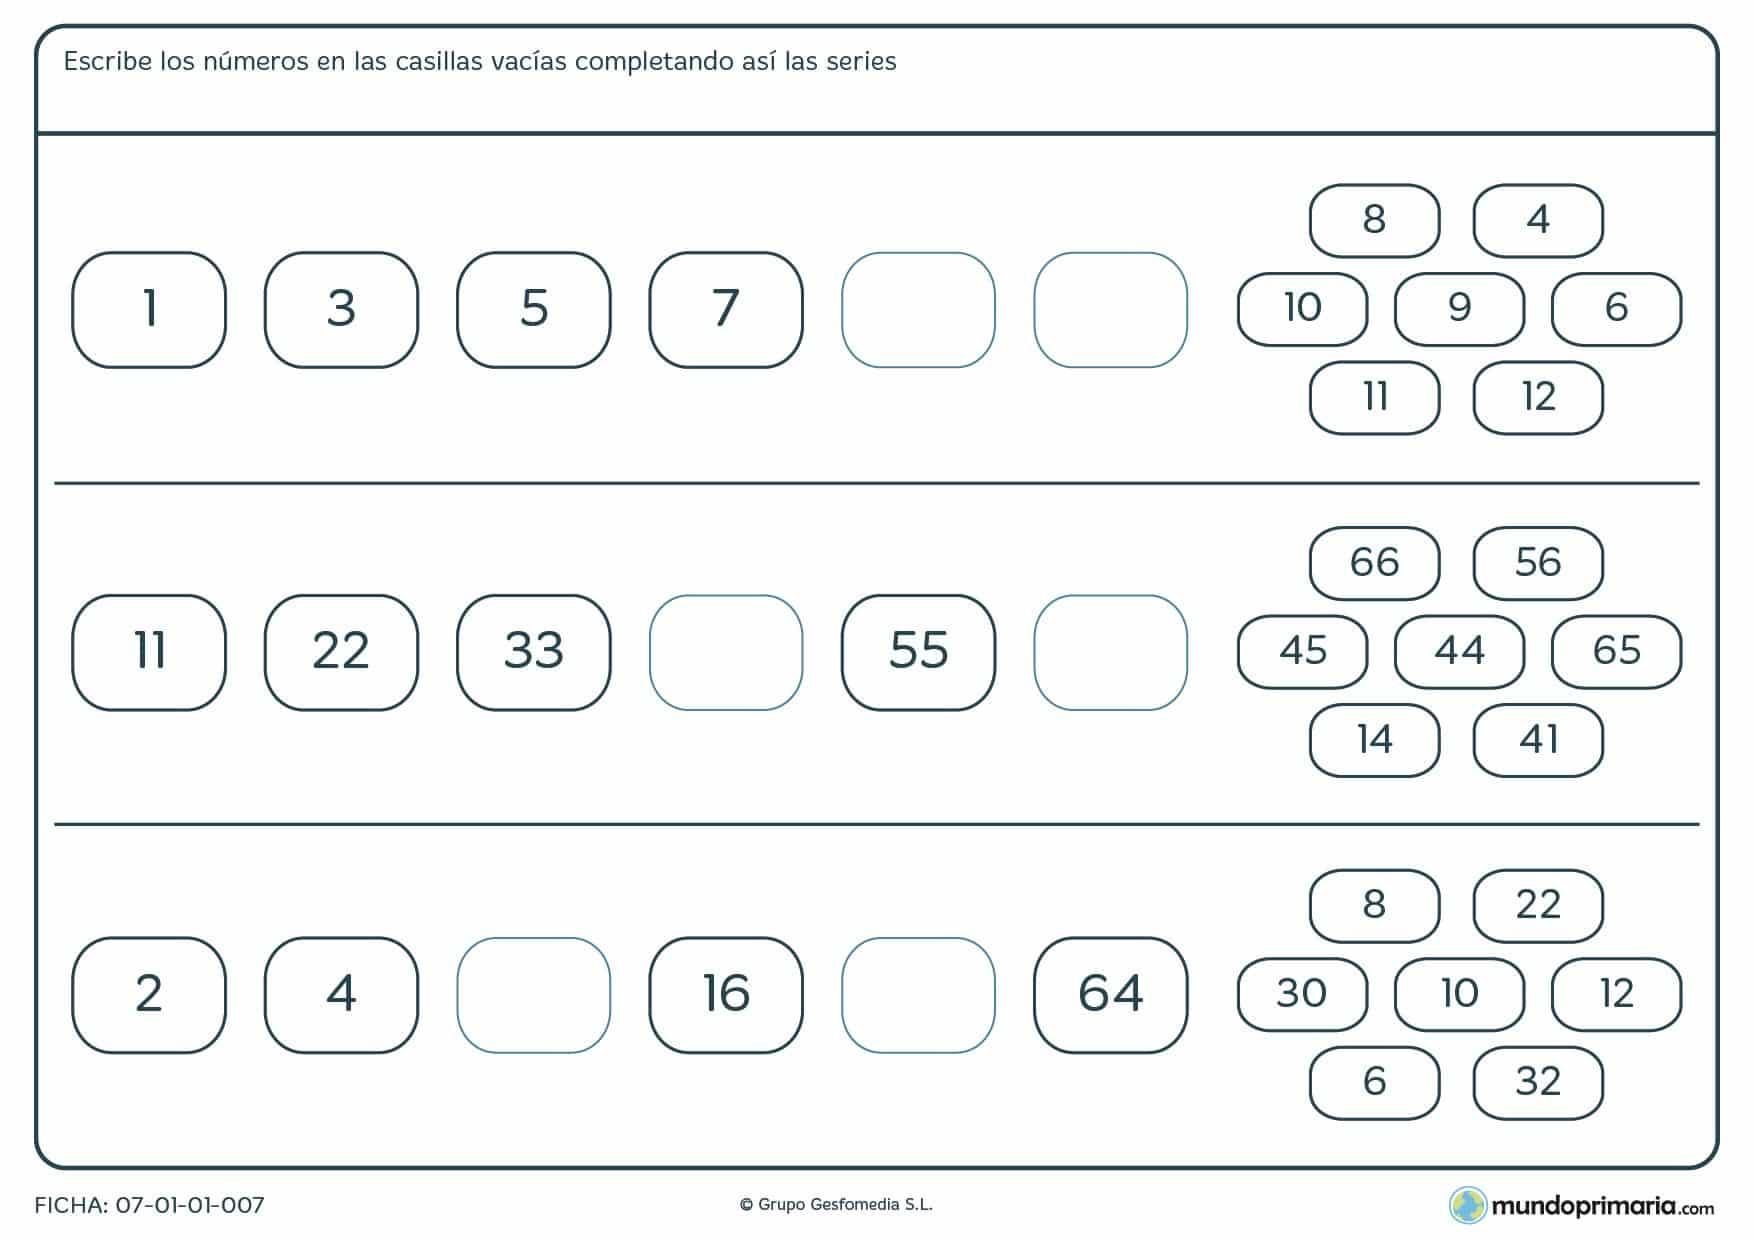 Ficha de series lógicas de números para rellenar eligiendo entre los números que te damos.